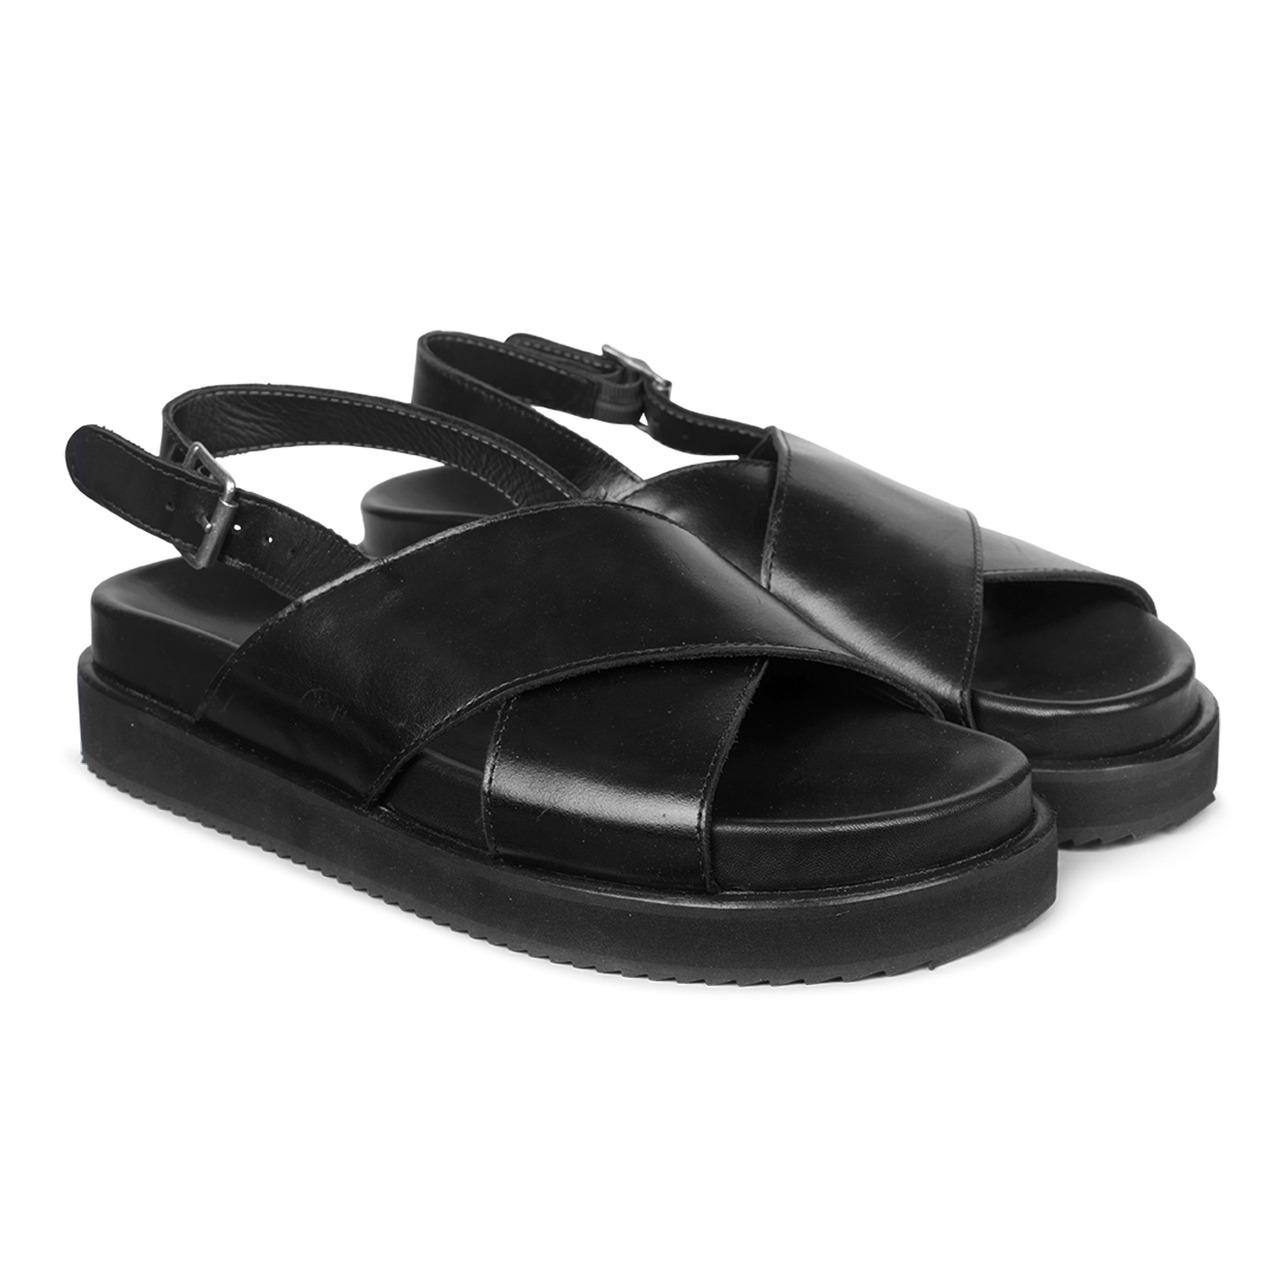 Fussbett-Sandalen von 'Angulus'